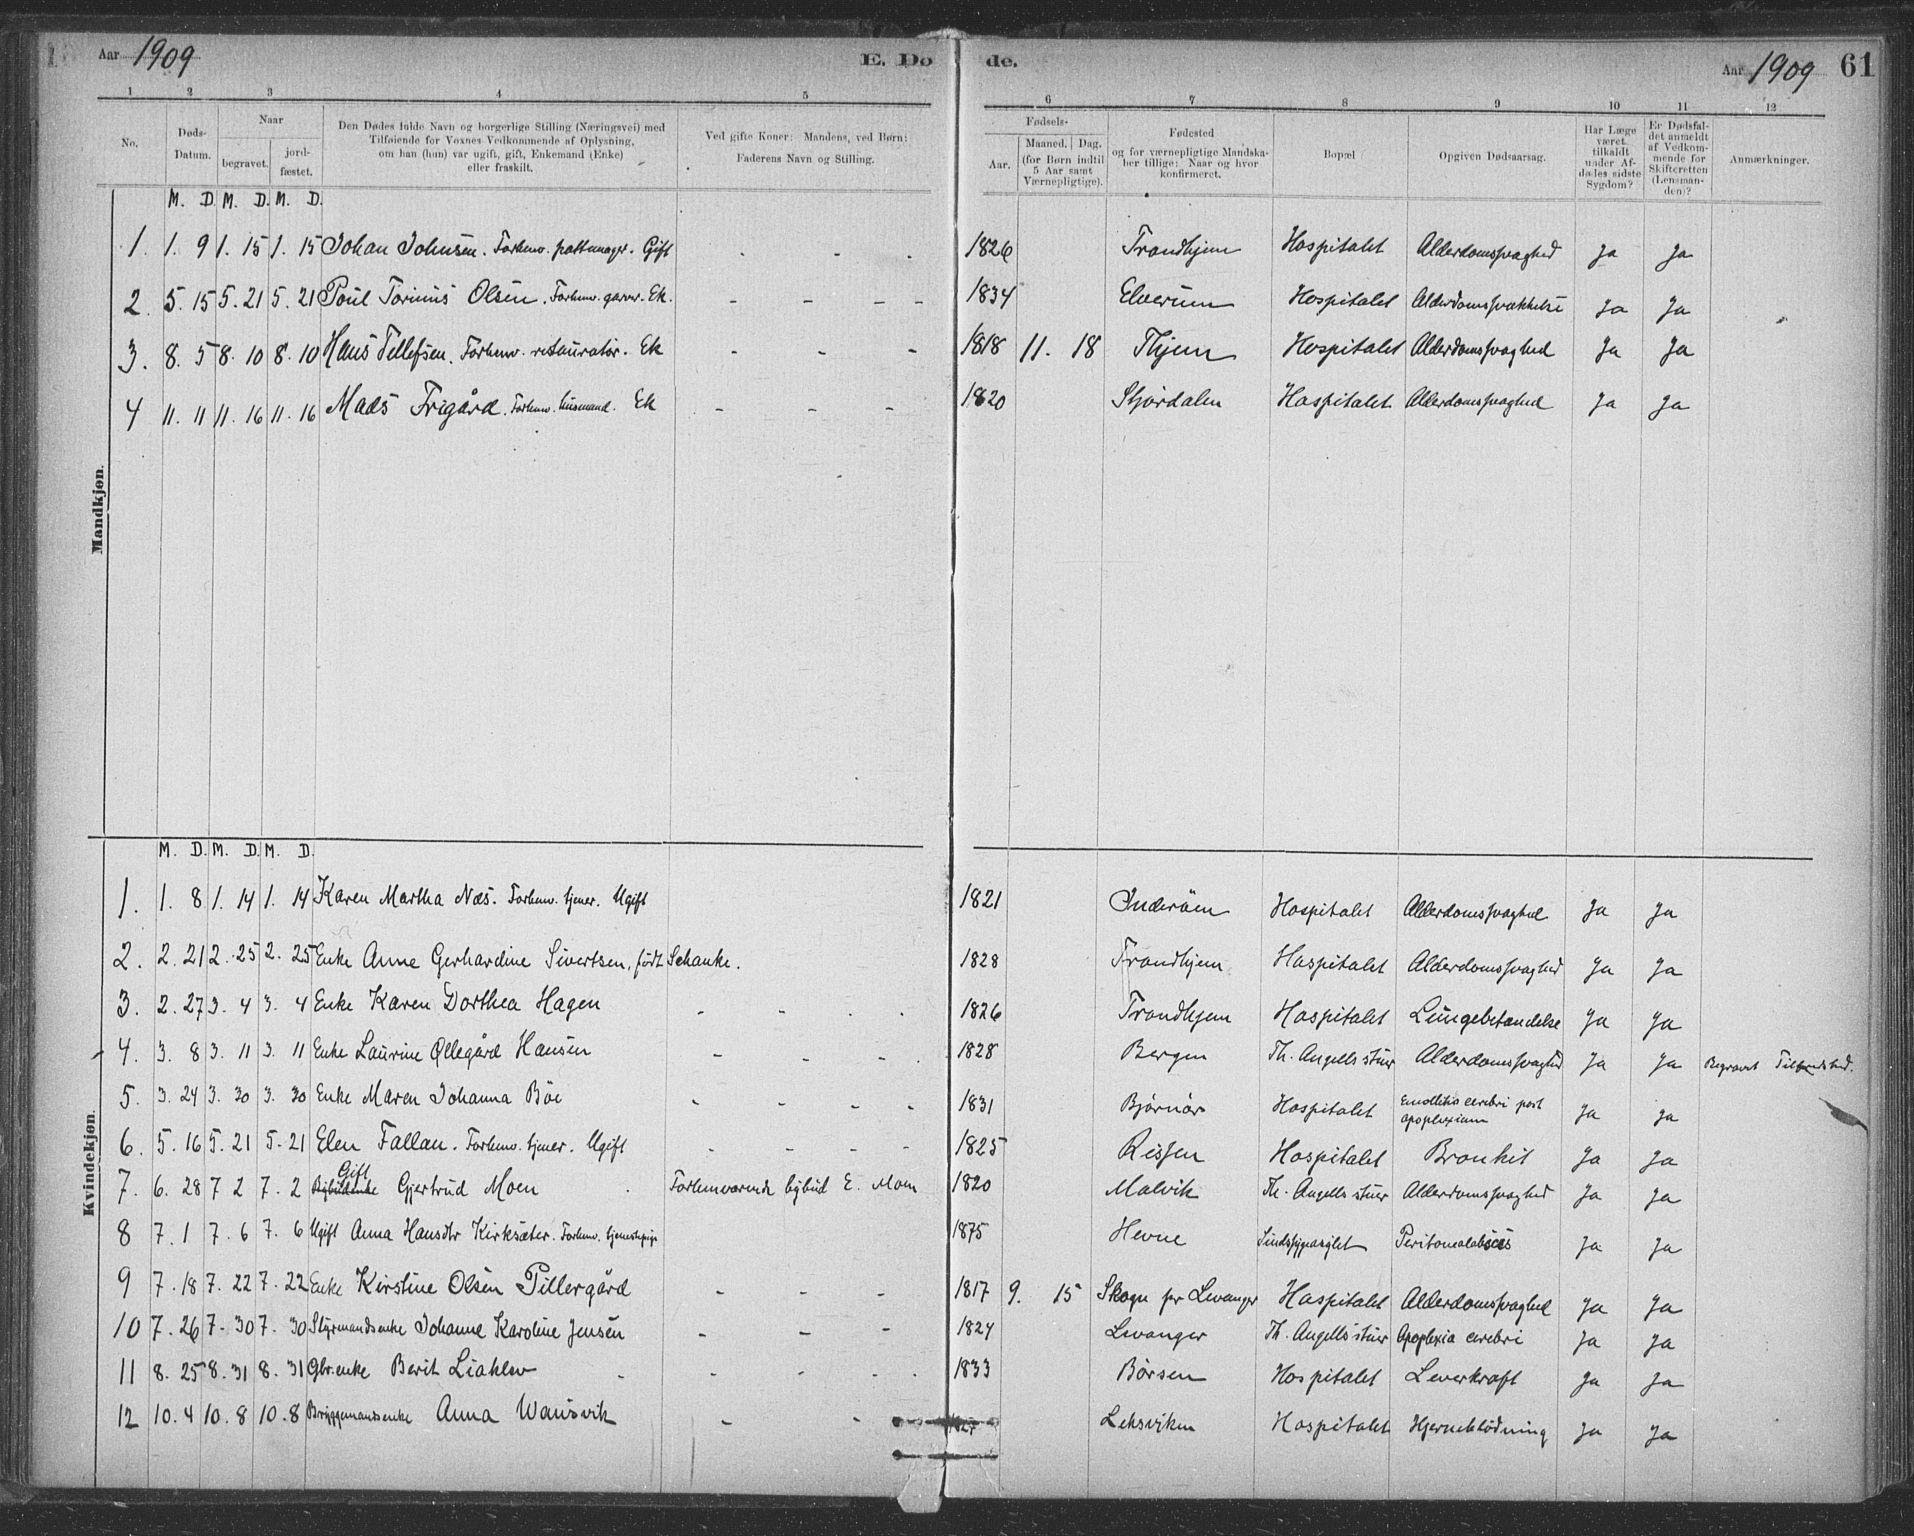 SAT, Ministerialprotokoller, klokkerbøker og fødselsregistre - Sør-Trøndelag, 623/L0470: Ministerialbok nr. 623A04, 1884-1938, s. 61